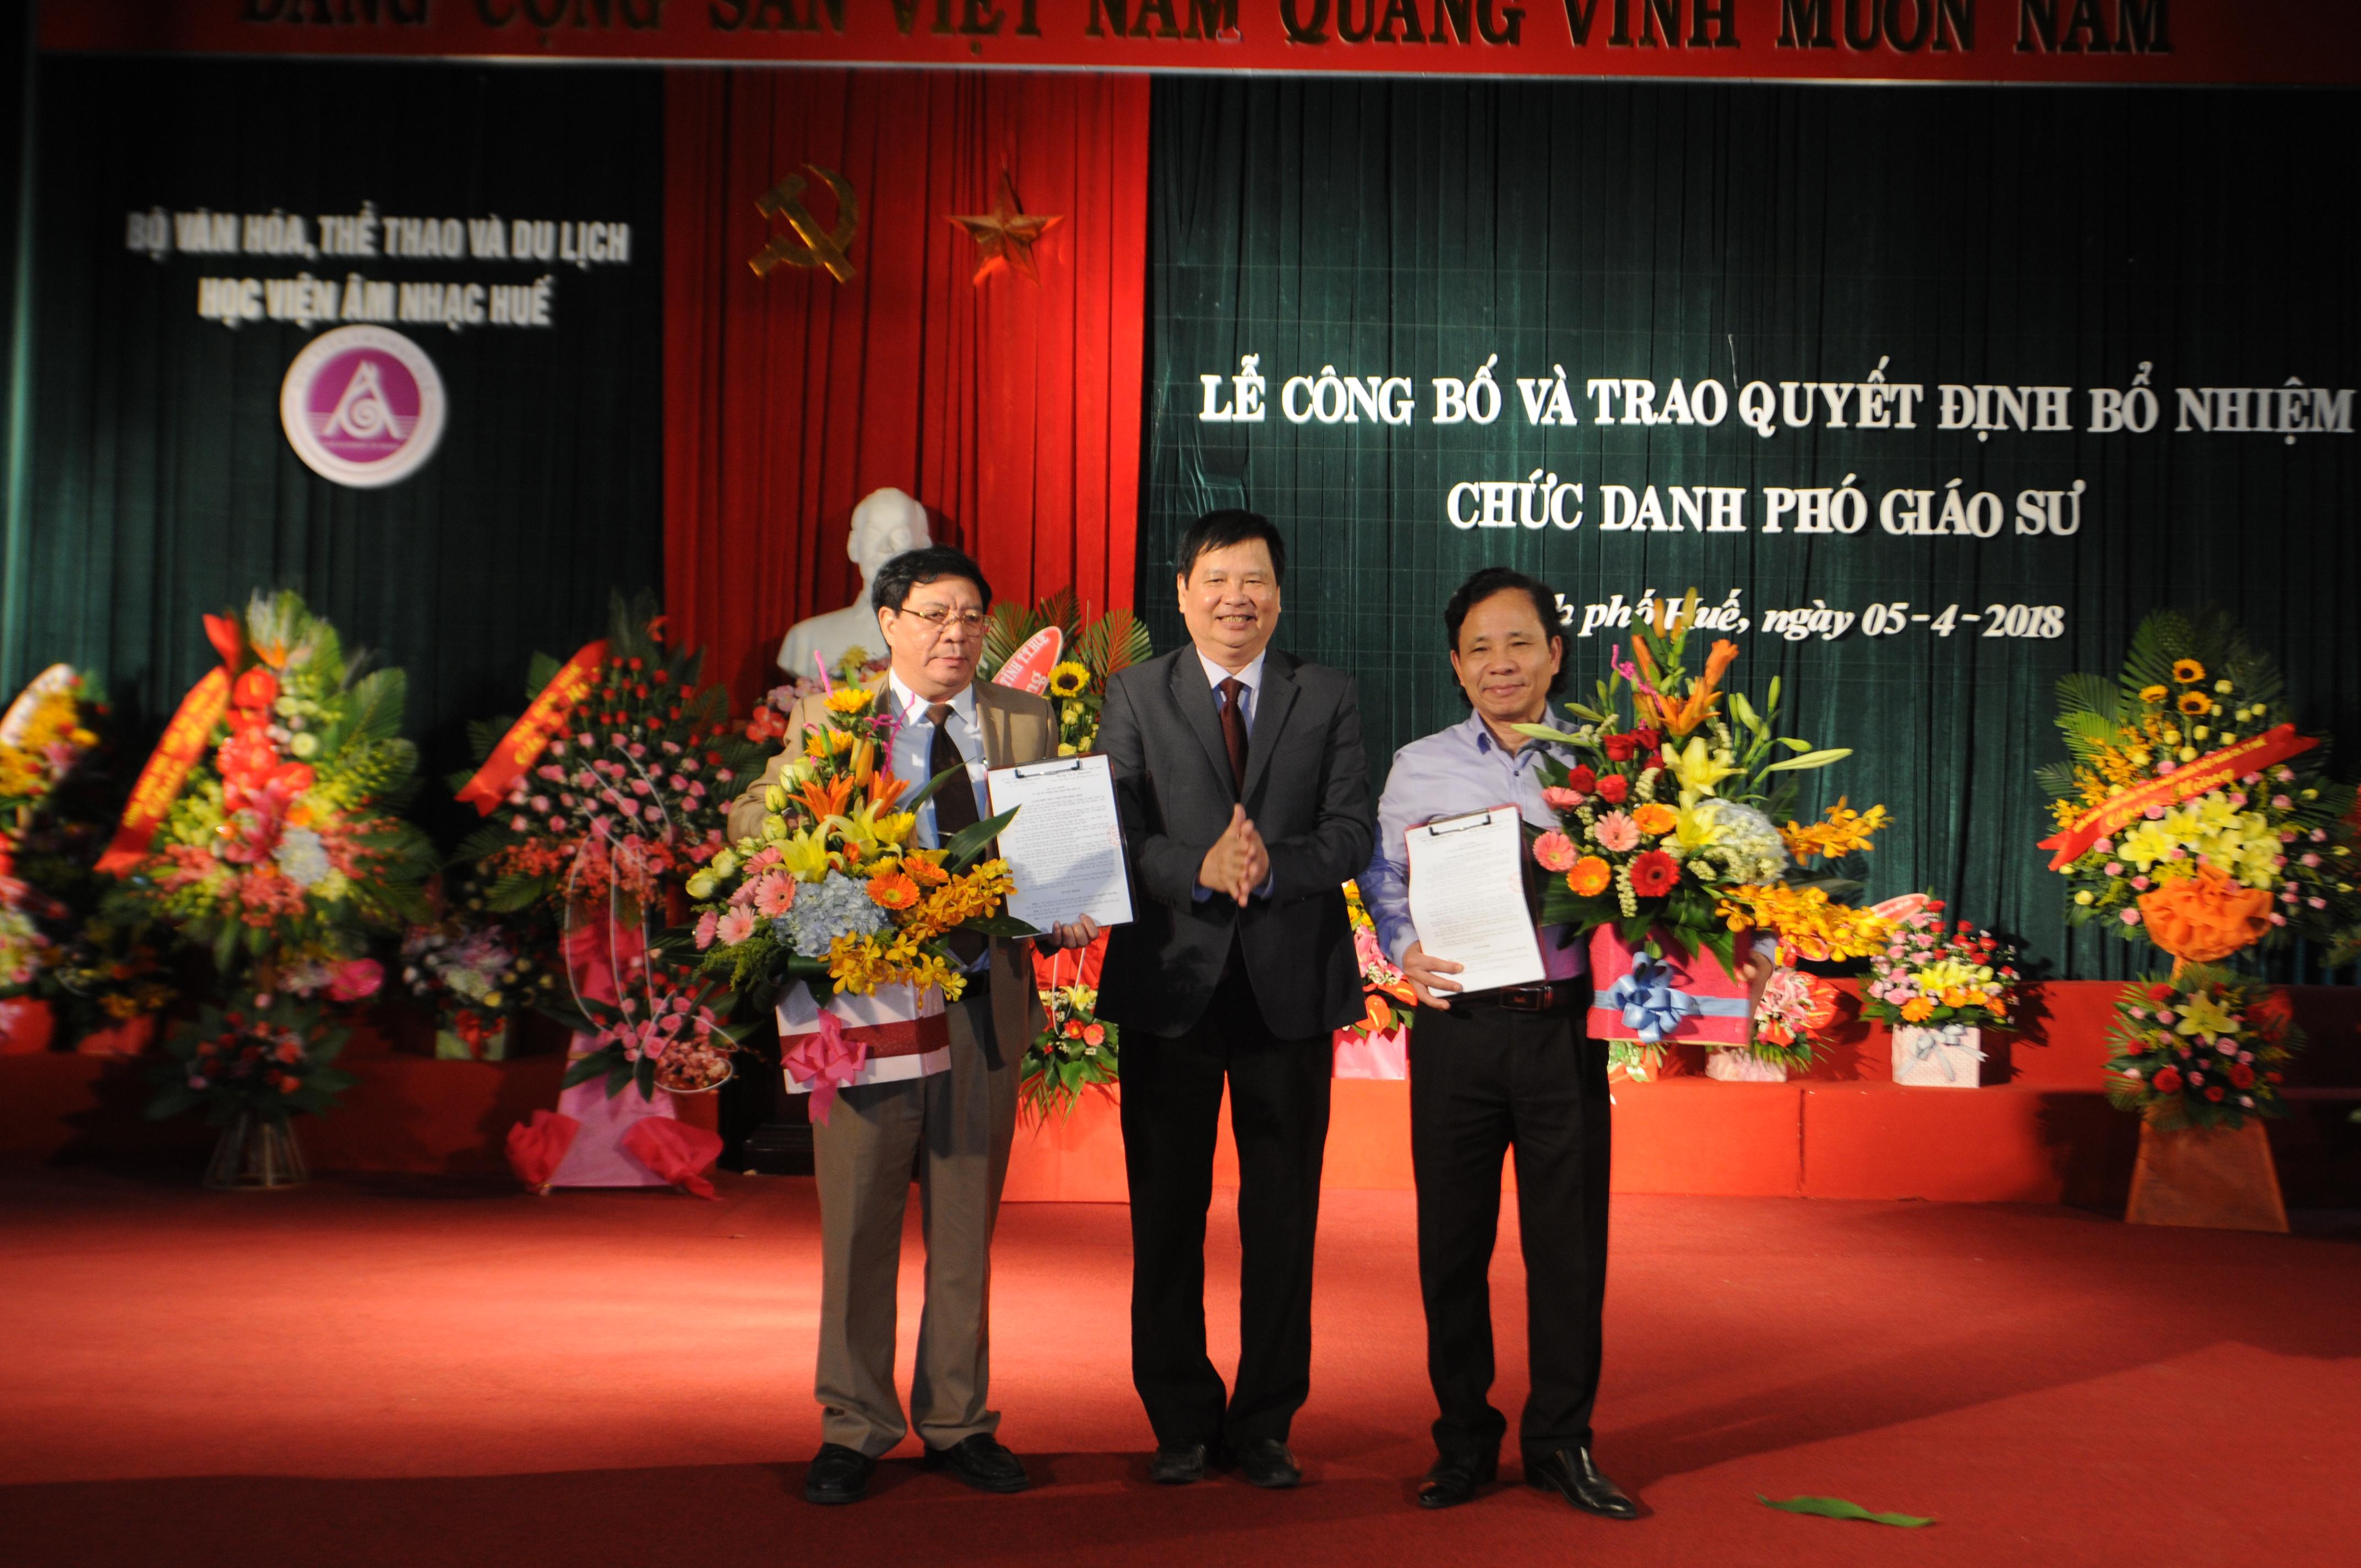 Huong Giang band performed periodically at 3/2 park